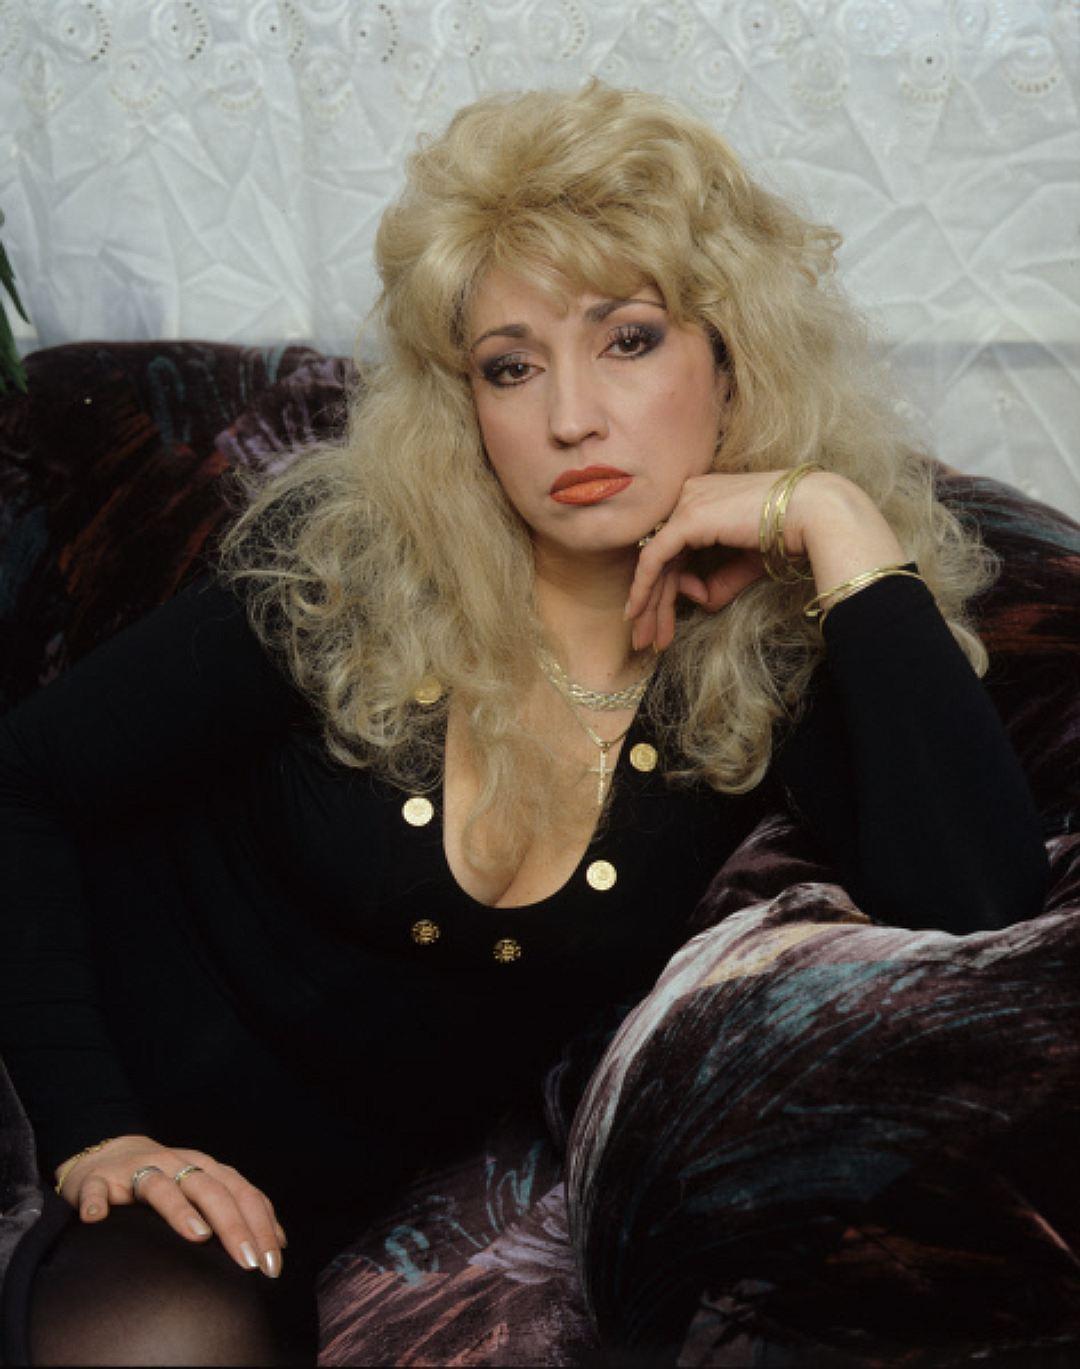 Певица Ирина Аллегрова, 1996 год. Особое внимание уделялось челке — она должна была буквально стоять